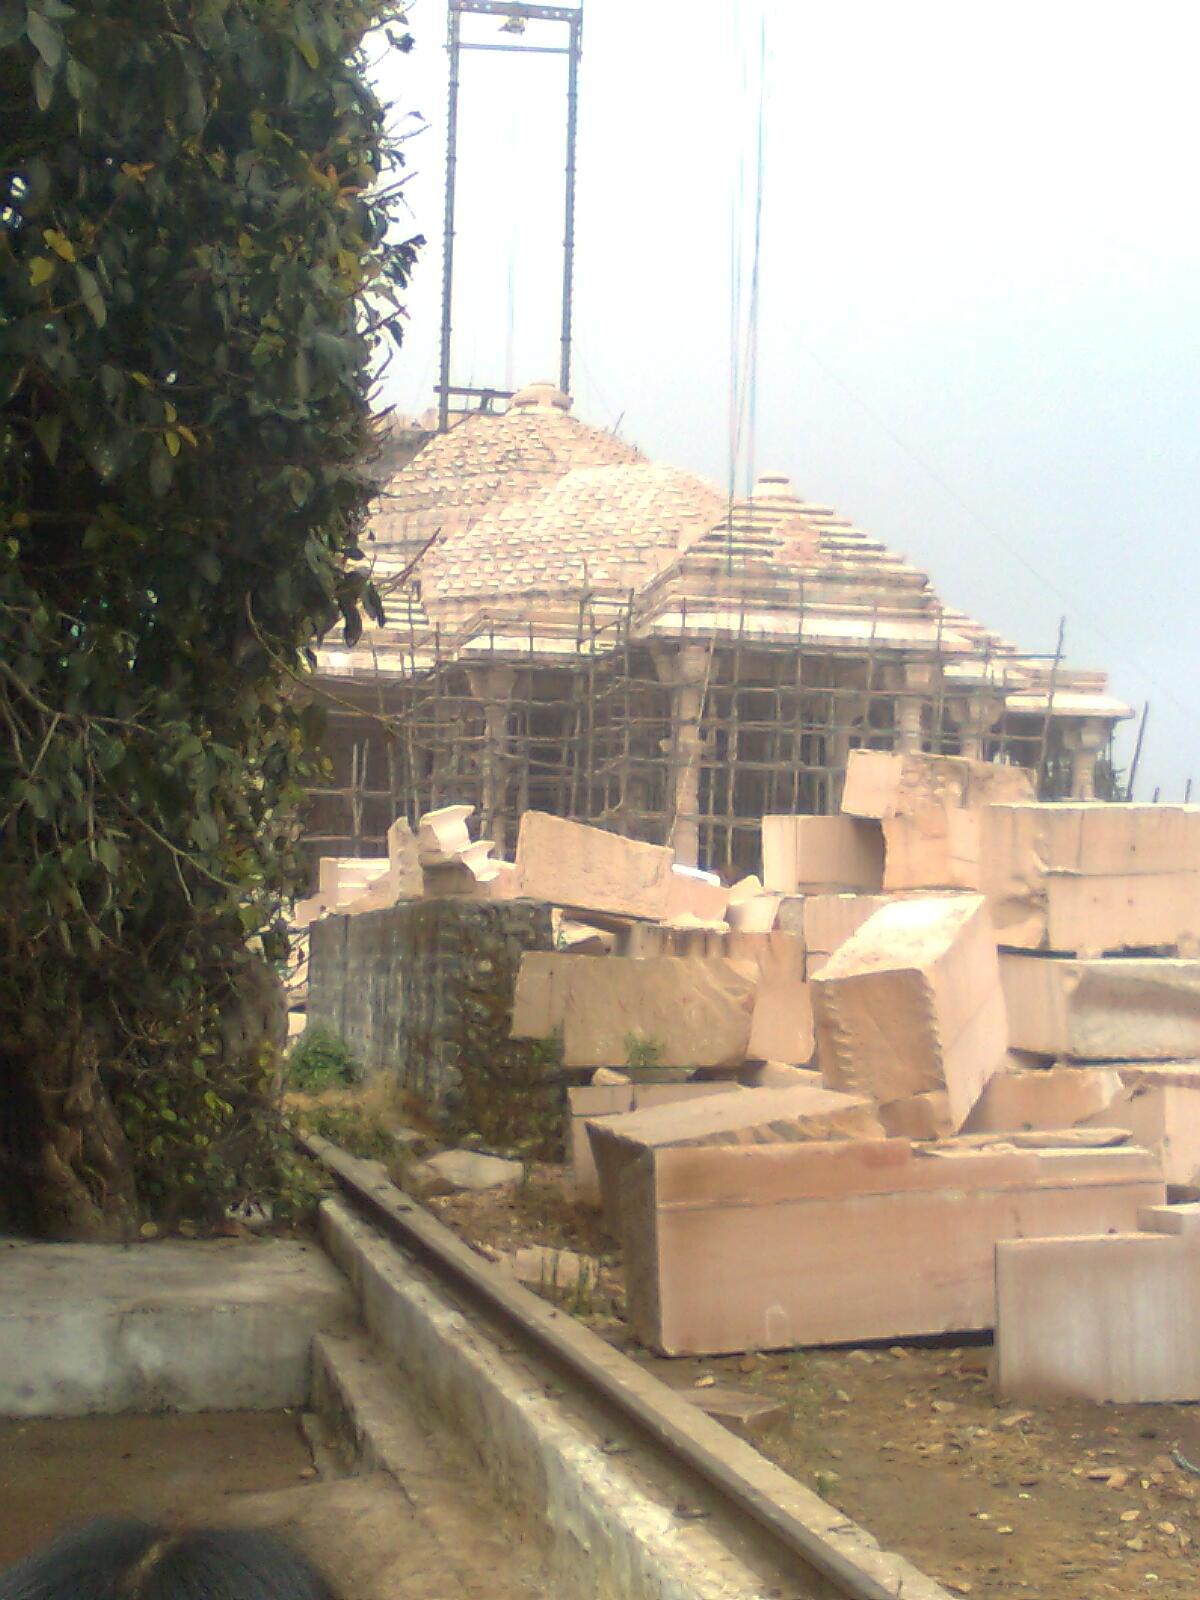 Top Place to Visit In Amarkantak-Shri Sarvodaya Digamber Jain Temple